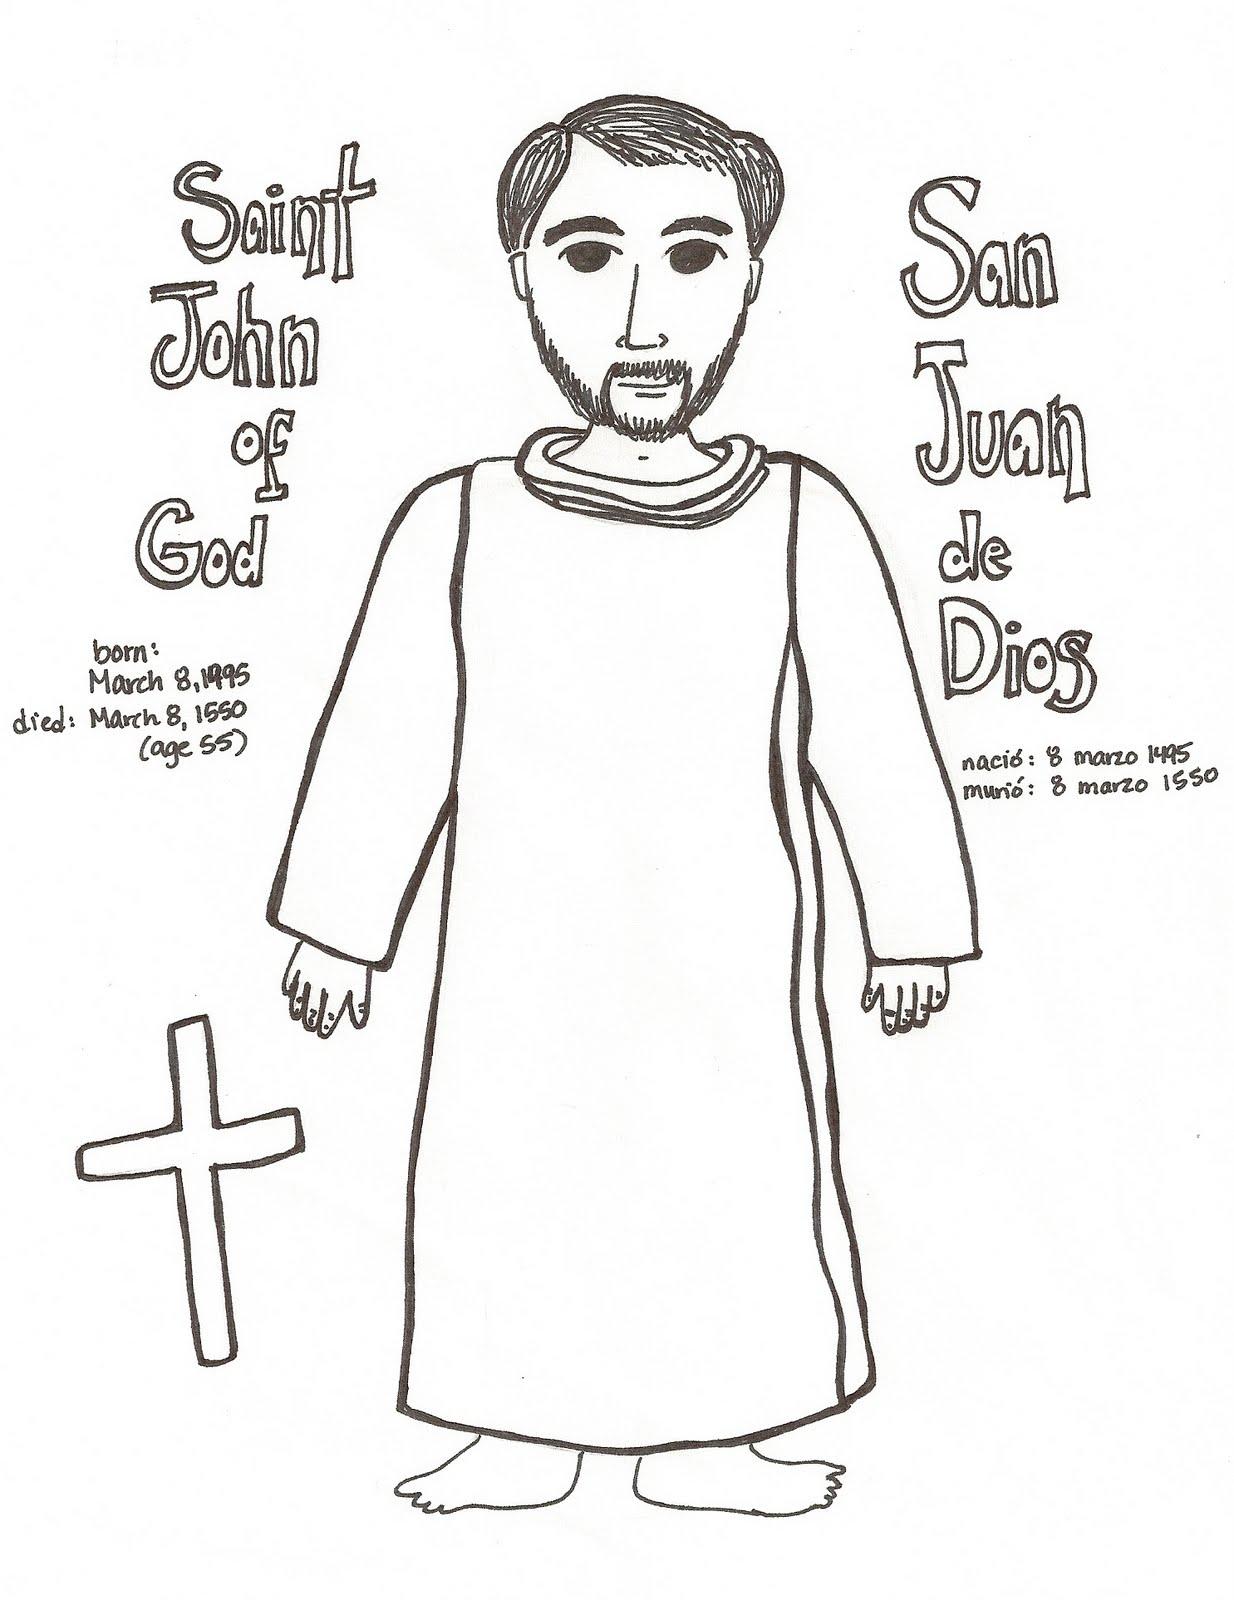 paper dali saint john of god san juan de dios